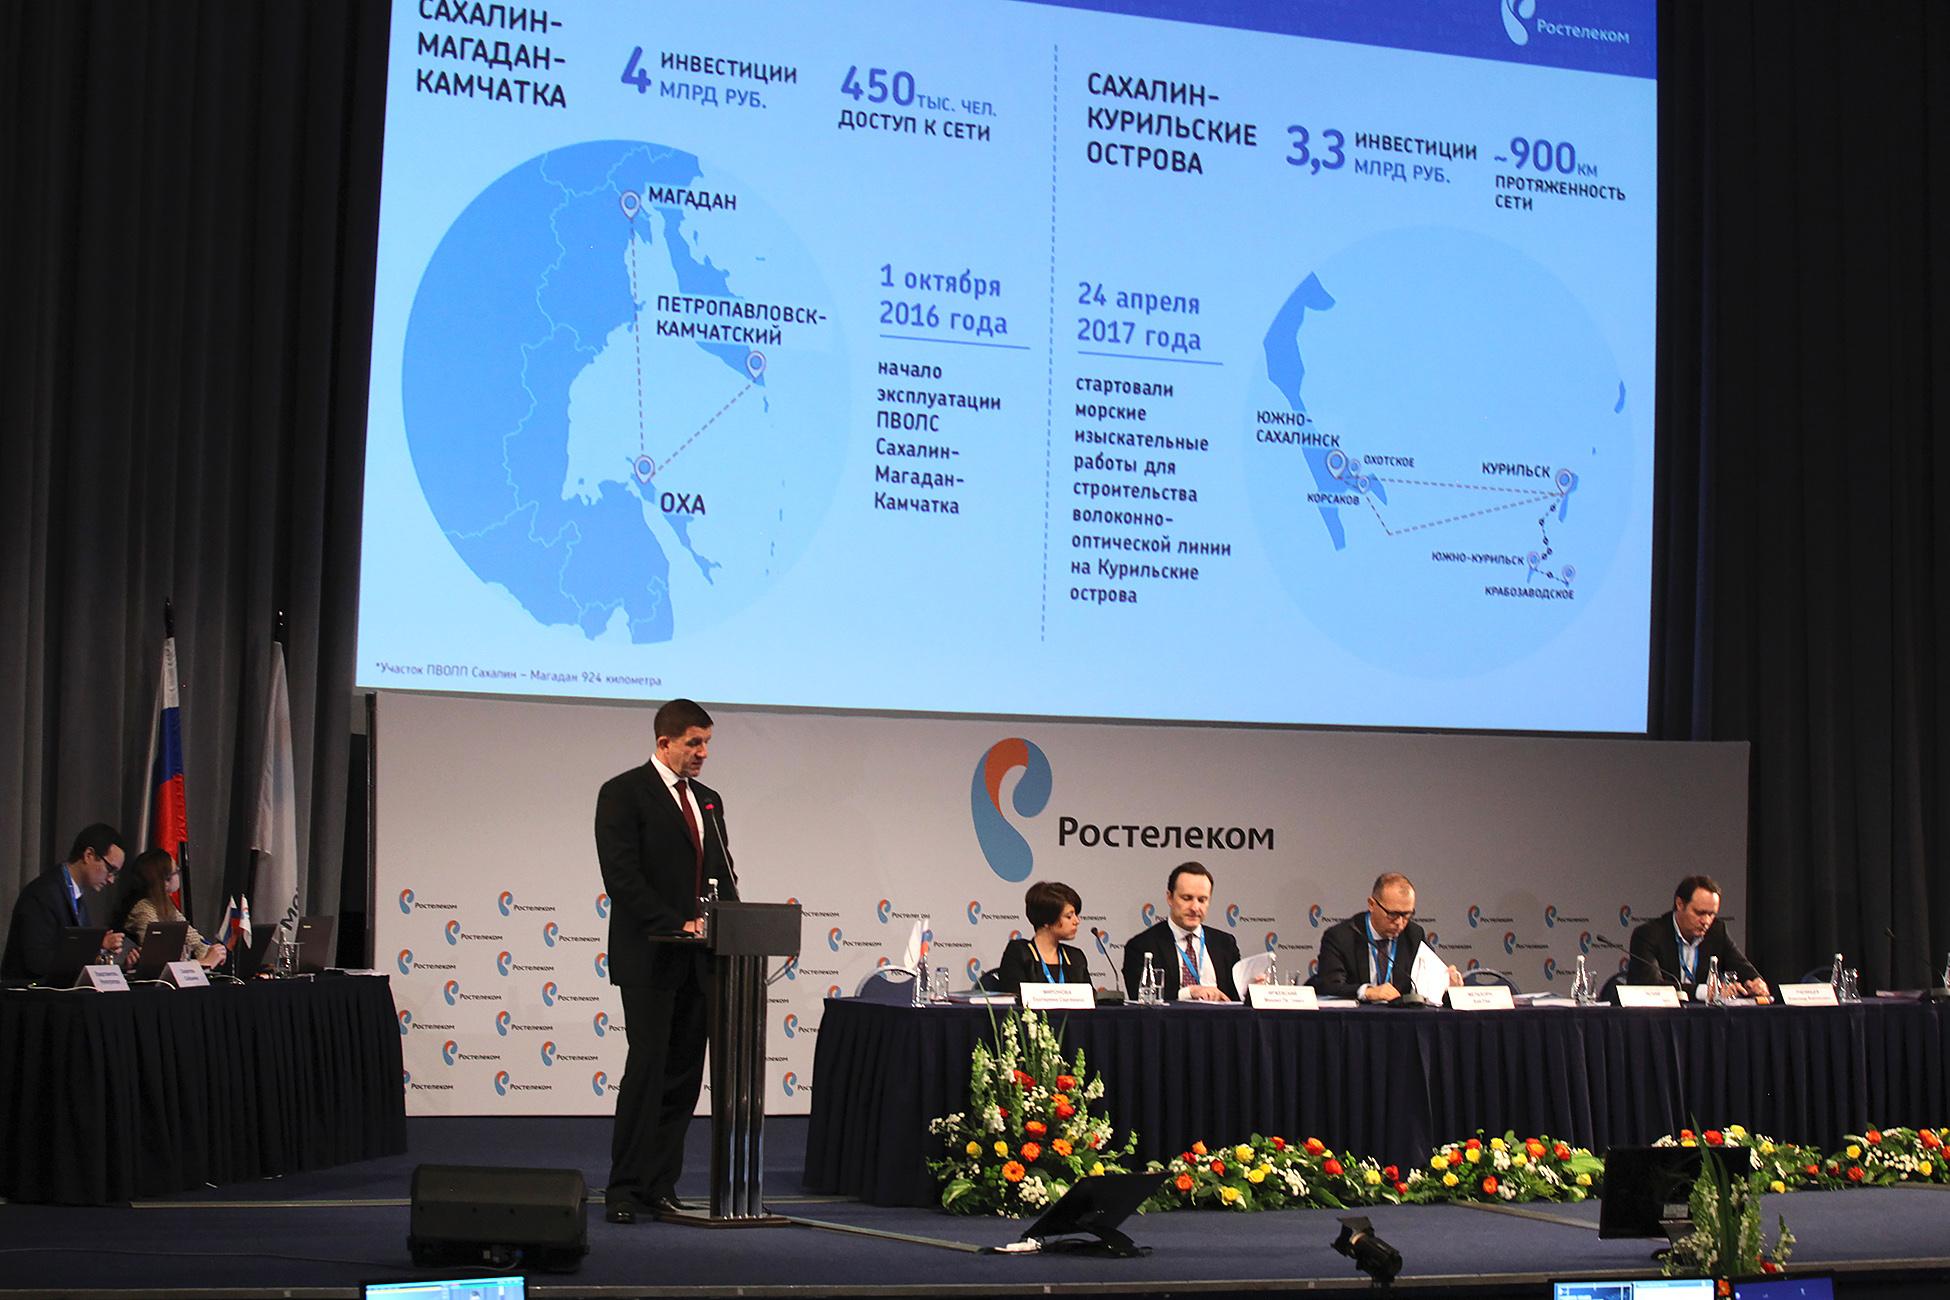 «Ростелеком» объявил итоги годового собрания акционеров по результатам работы в 2016 году